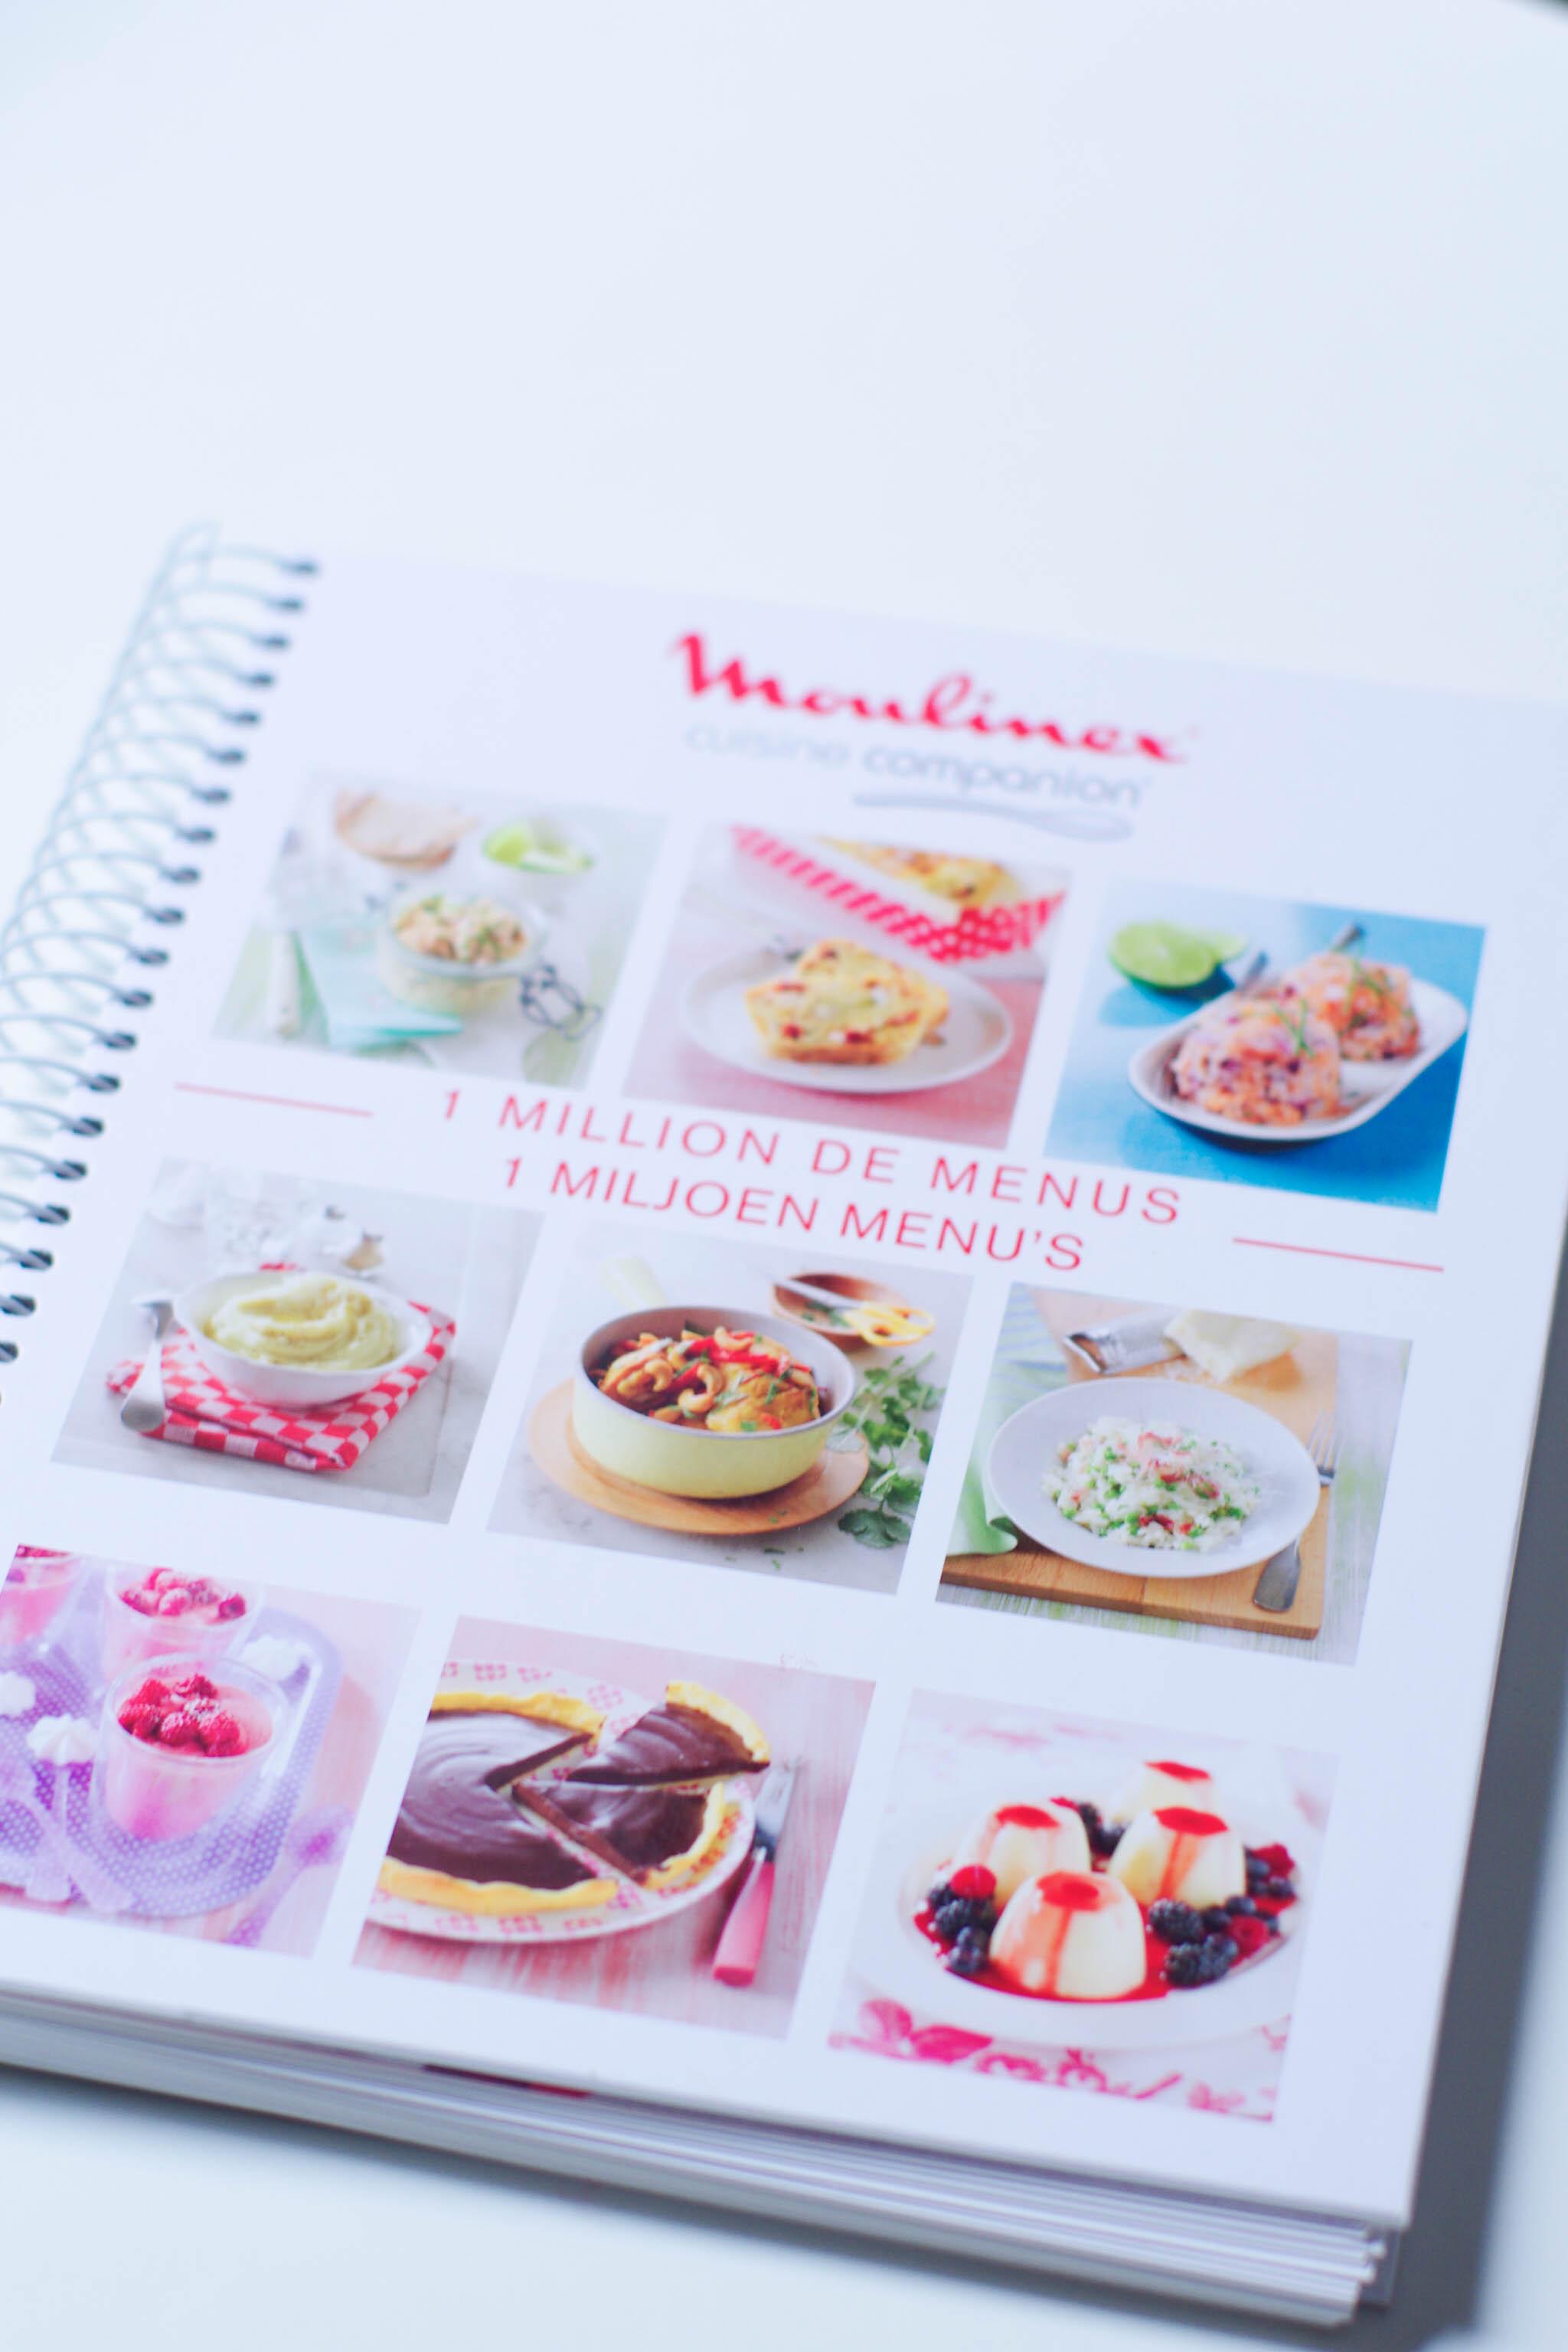 livre recette easy soup moulinex un site culinaire populaire avec des recettes utiles. Black Bedroom Furniture Sets. Home Design Ideas